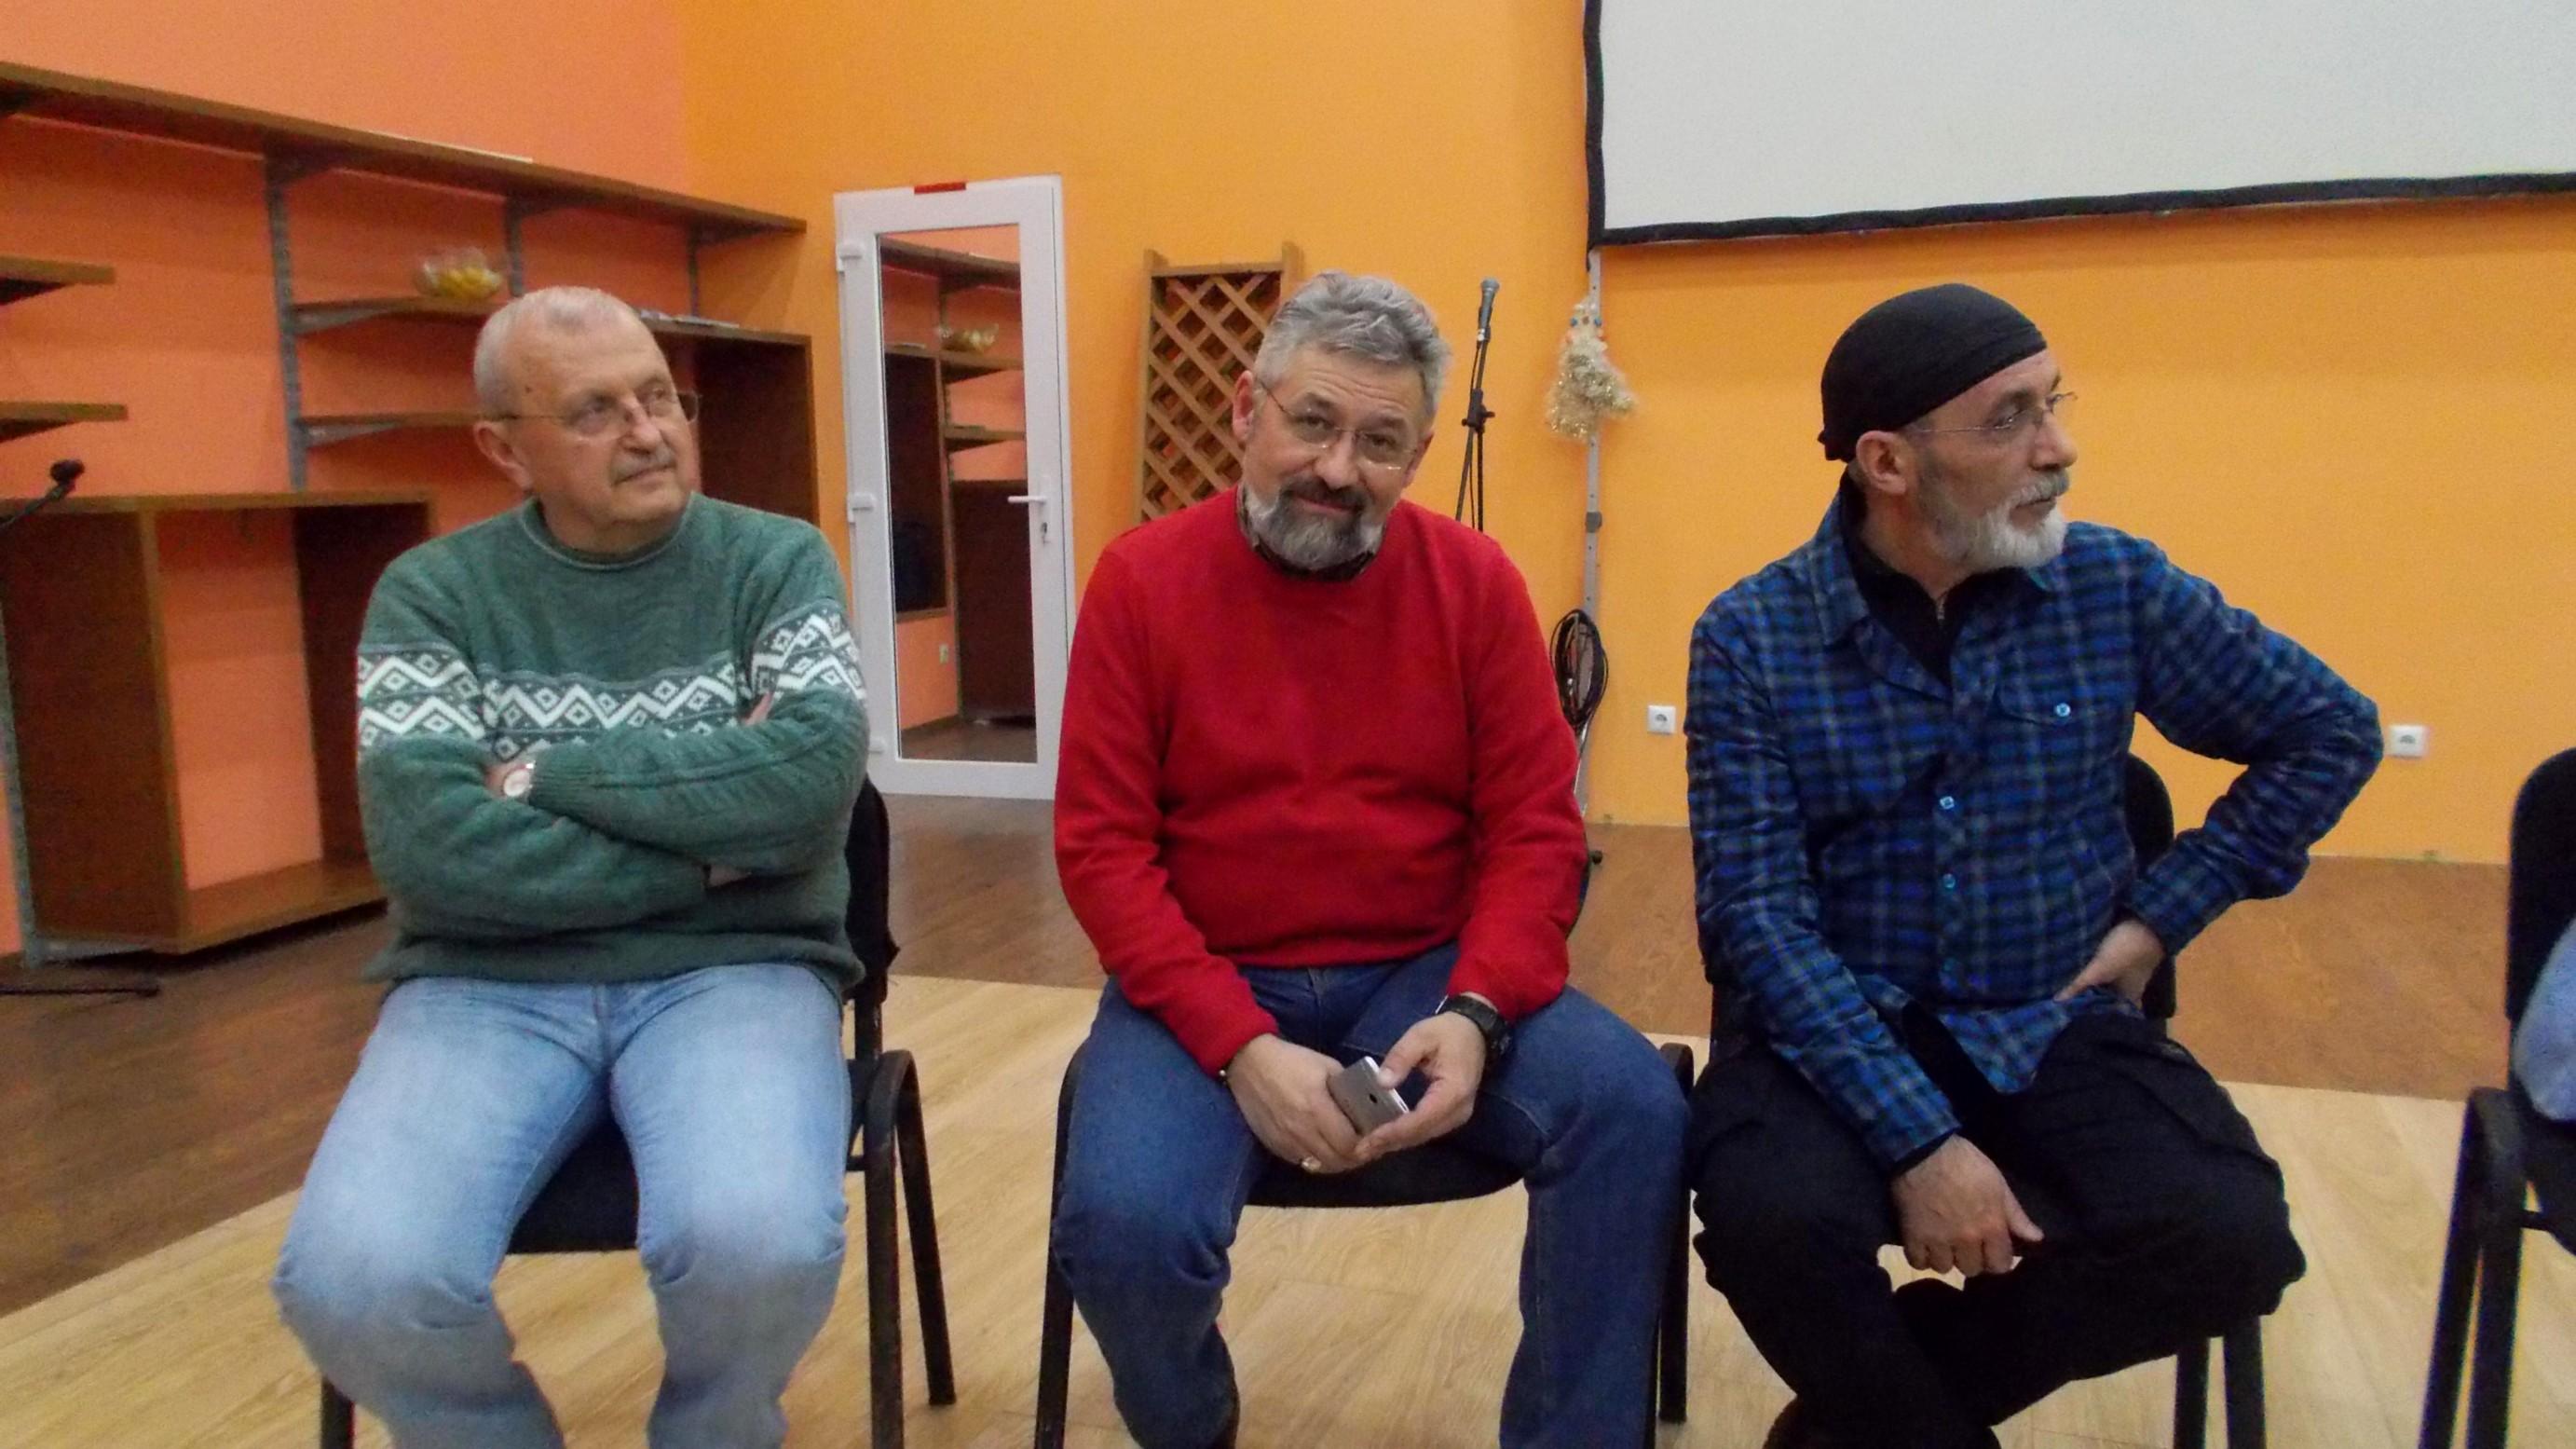 Prezidiu: Ştefan Toth, Cornel Cârdei şi Victor T. Rusu